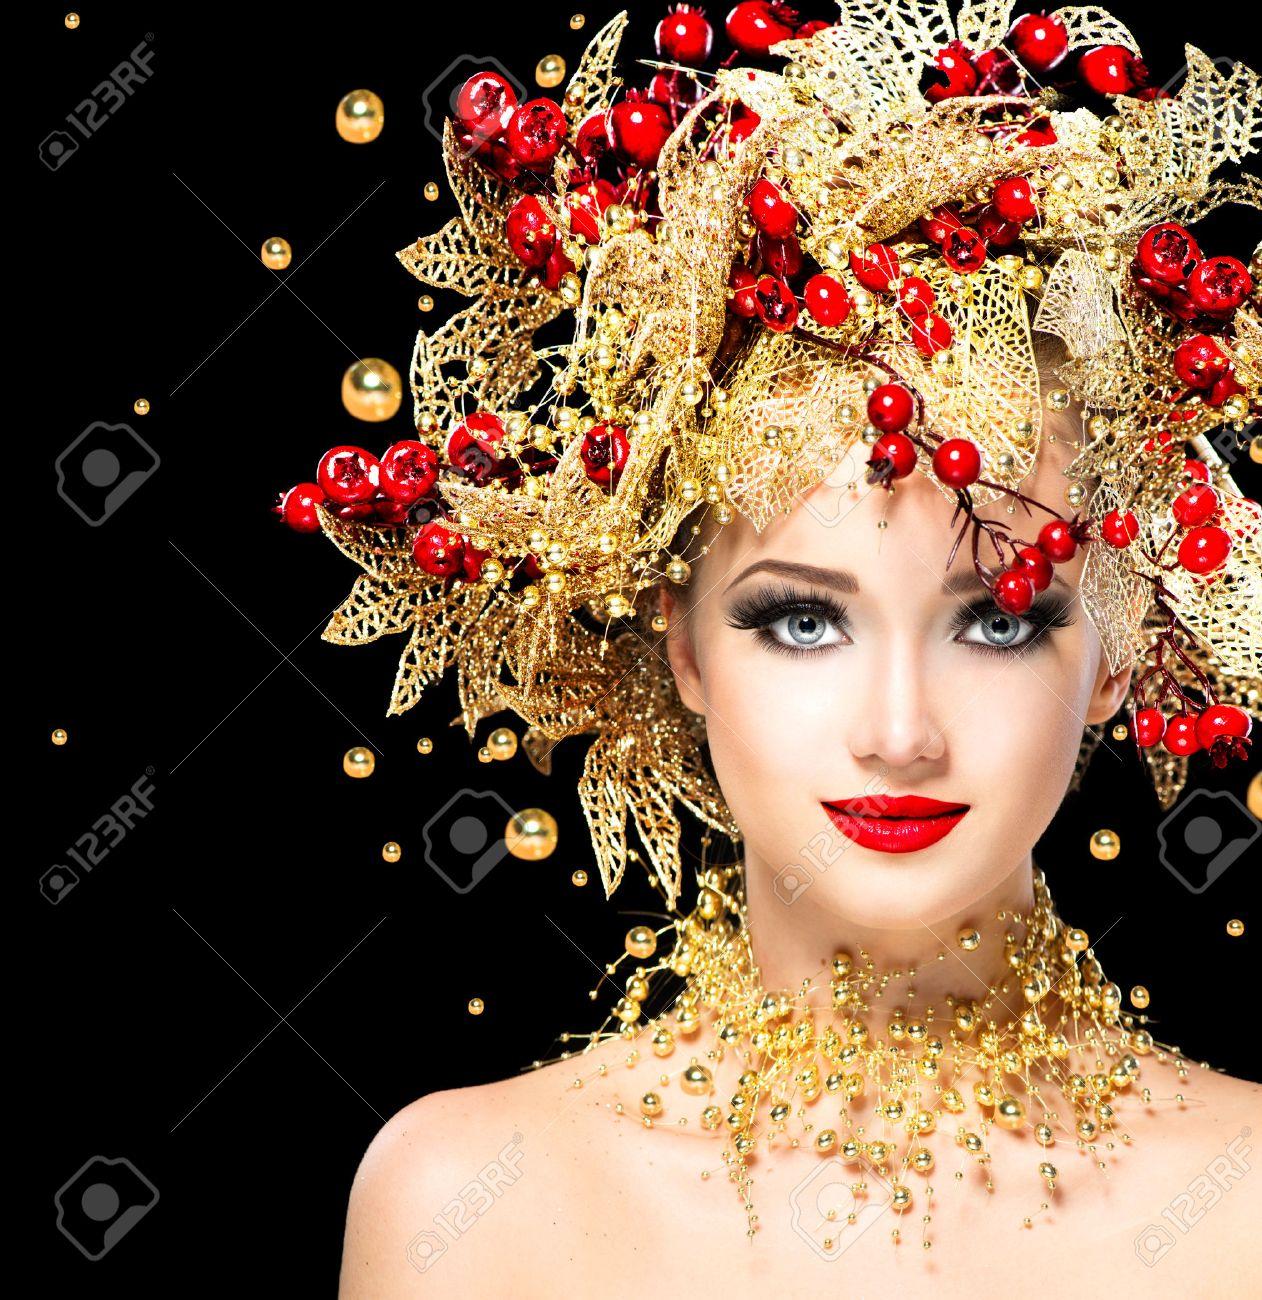 Foto de archivo , Navidad invierno chica modelo de la moda con el peinado de oro